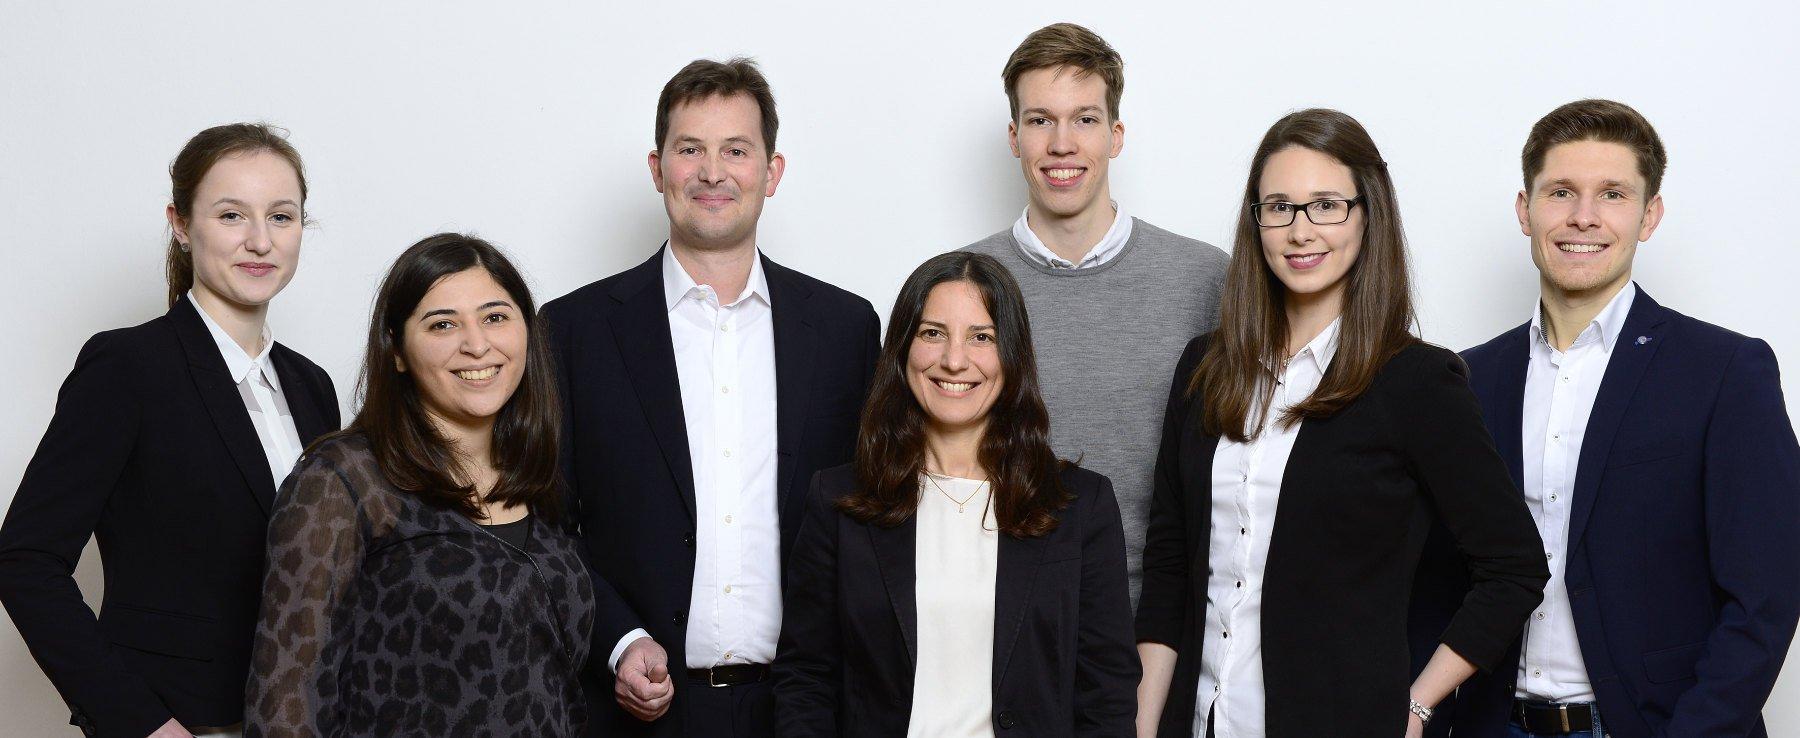 Das Team der OBENHAUS Anwaltskanzlei für Steuerrecht